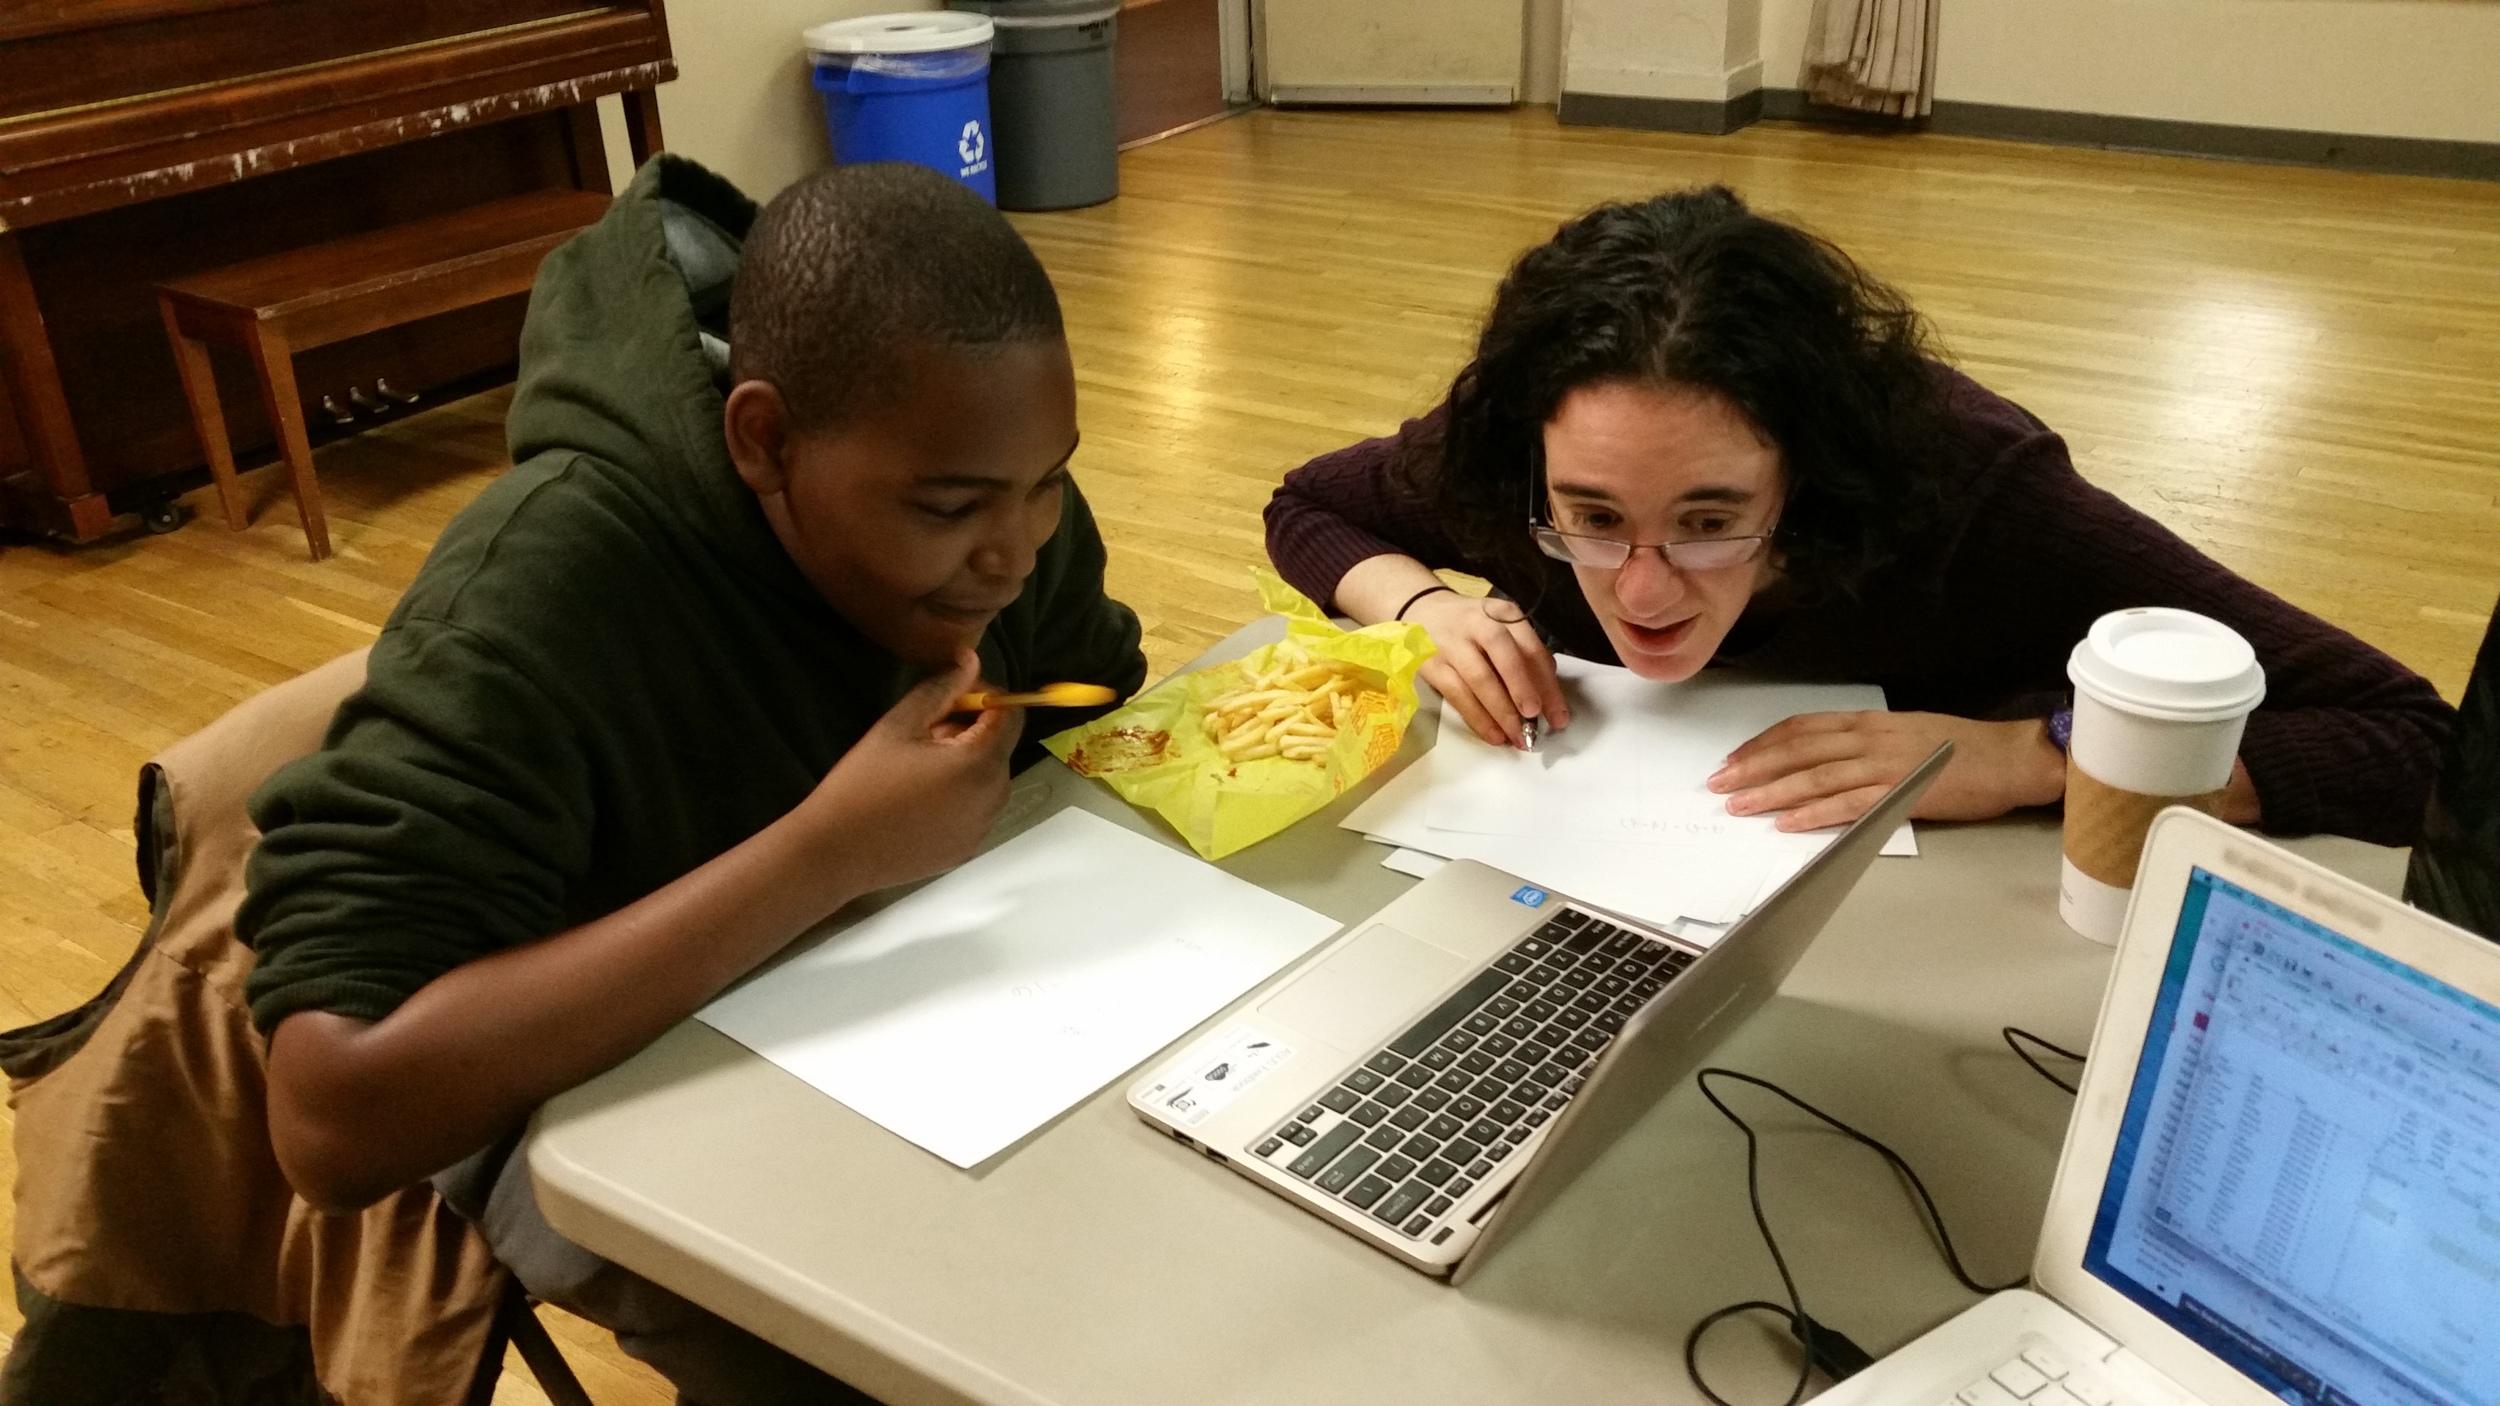 Jahleel and Amy practice Algebra